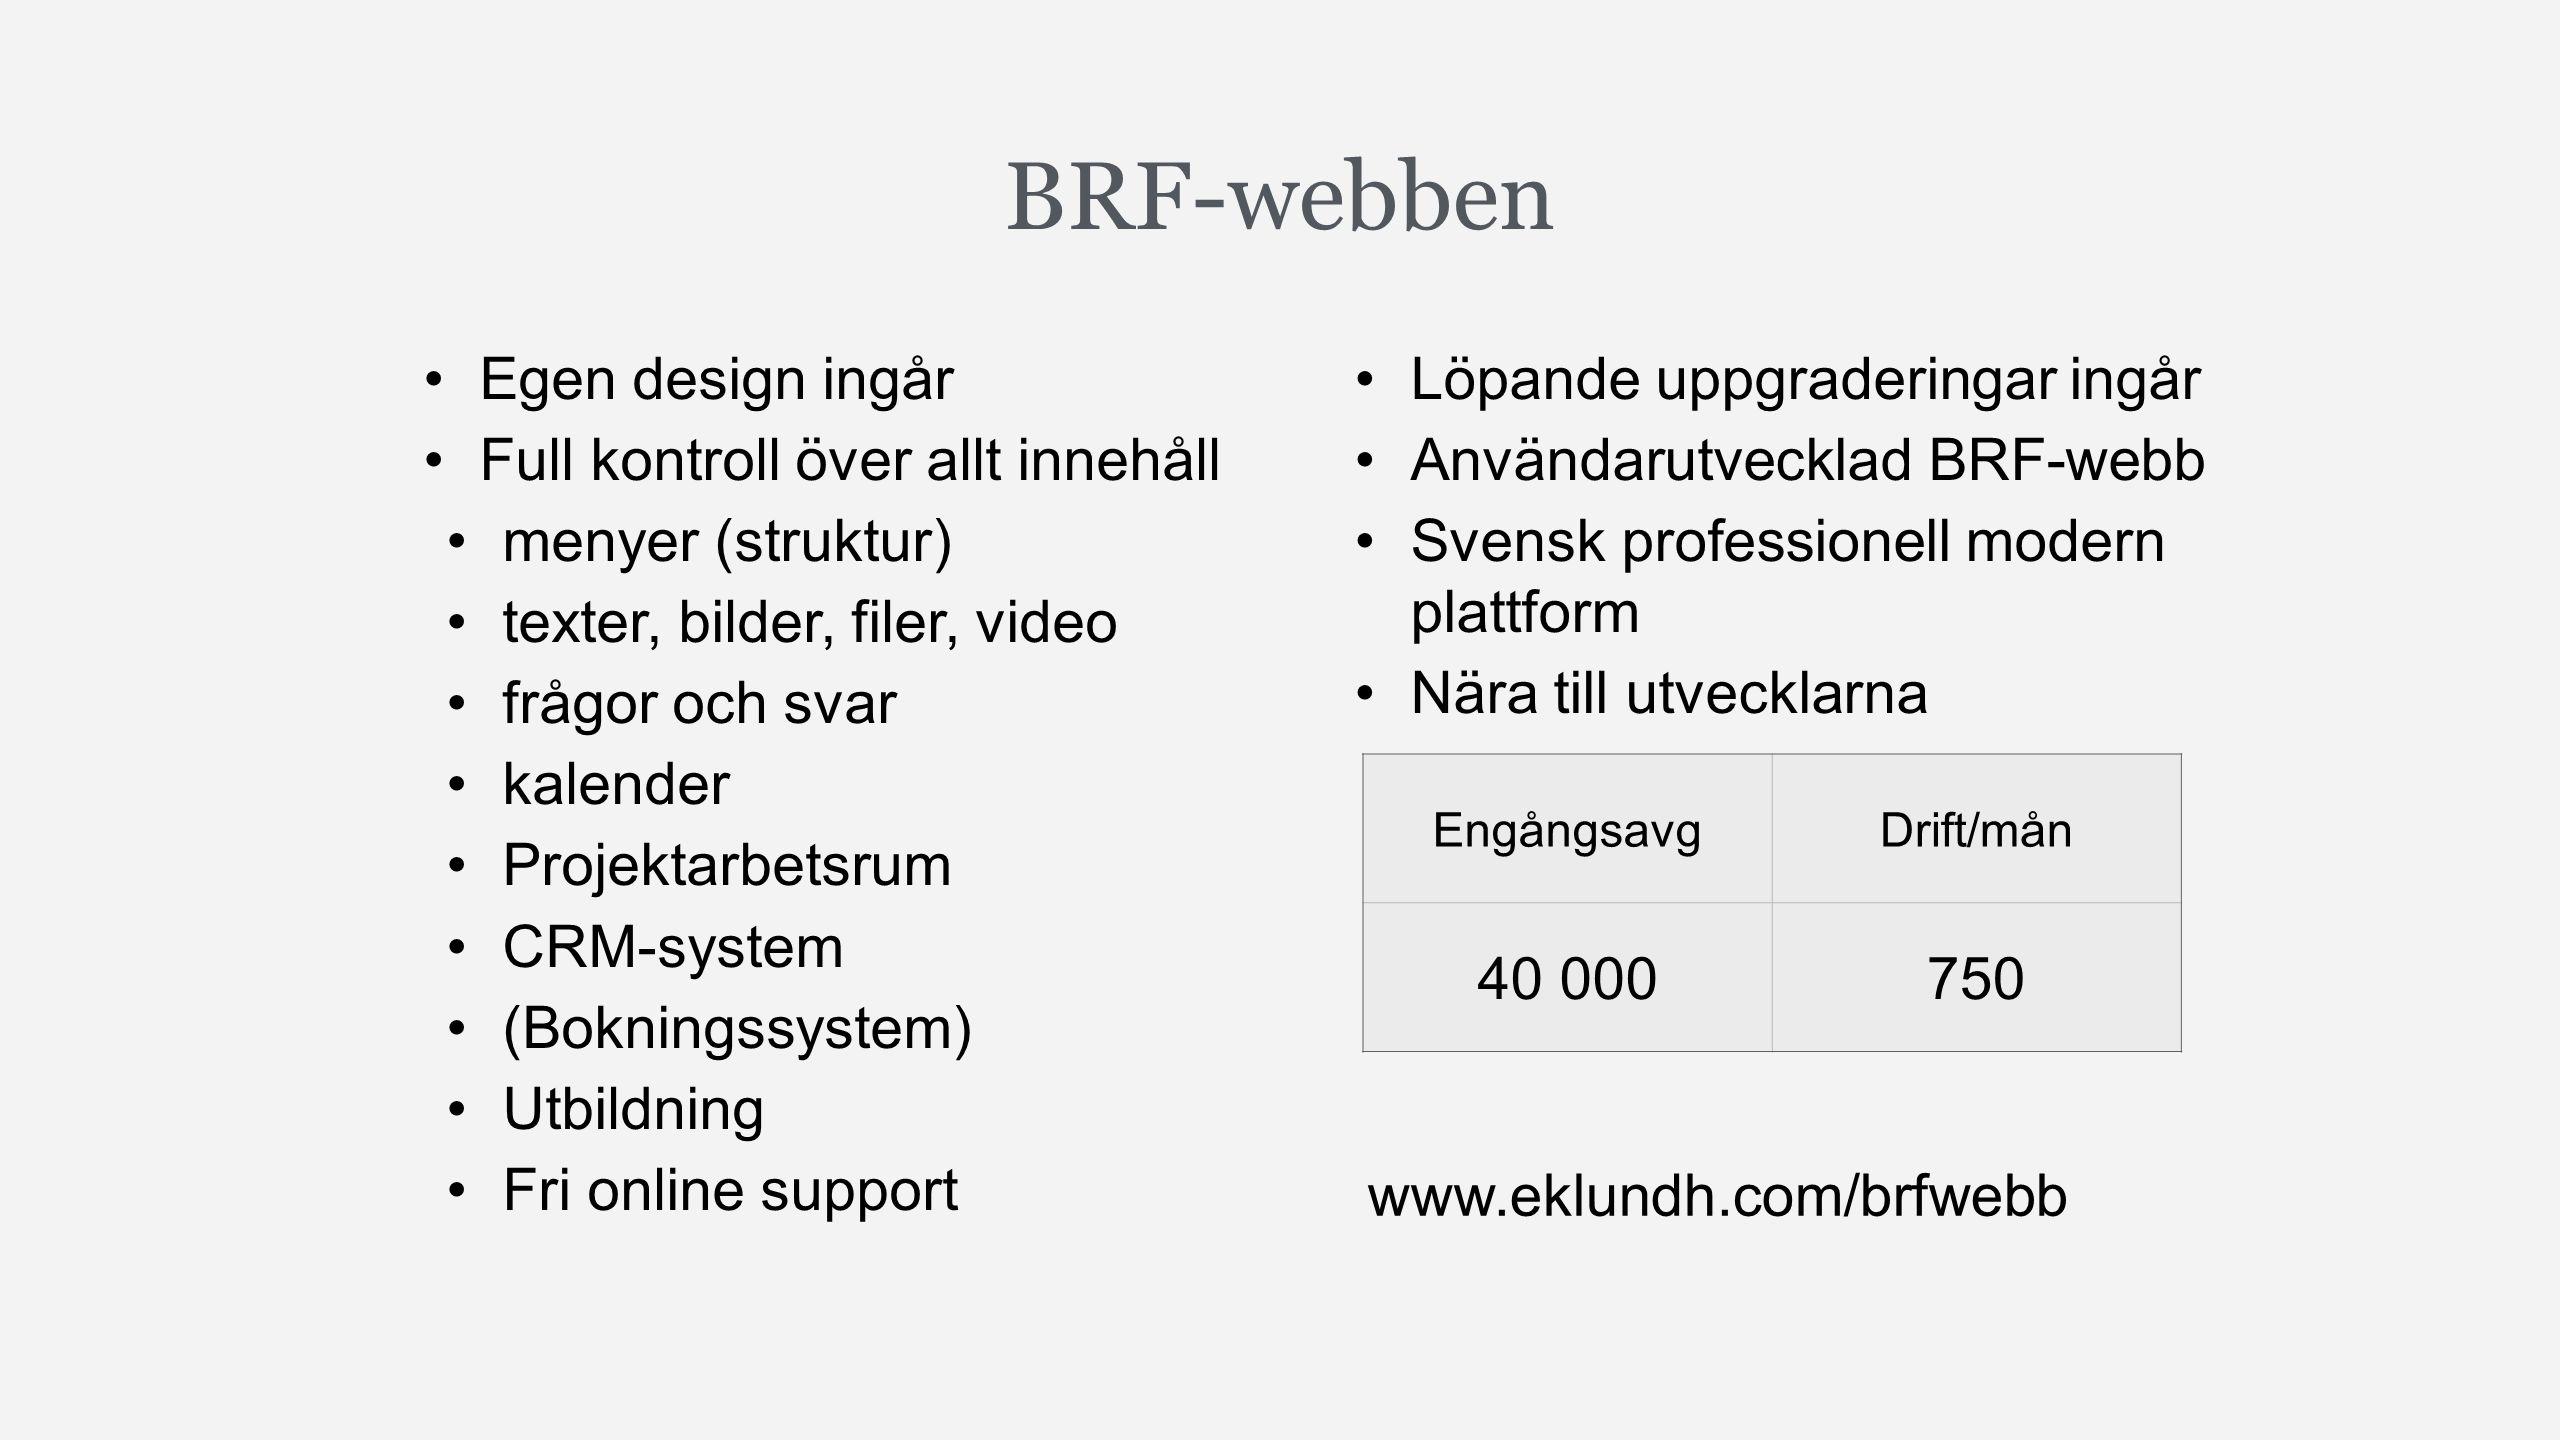 BRF-webben Egen design ingår Full kontroll över allt innehåll menyer (struktur) texter, bilder, filer, video frågor och svar kalender Projektarbetsrum CRM-system (Bokningssystem) Utbildning Fri online support Löpande uppgraderingar ingår Användarutvecklad BRF-webb Svensk professionell modern plattform Nära till utvecklarna EngångsavgDrift/mån 40 000750 www.eklundh.com/brfwebb